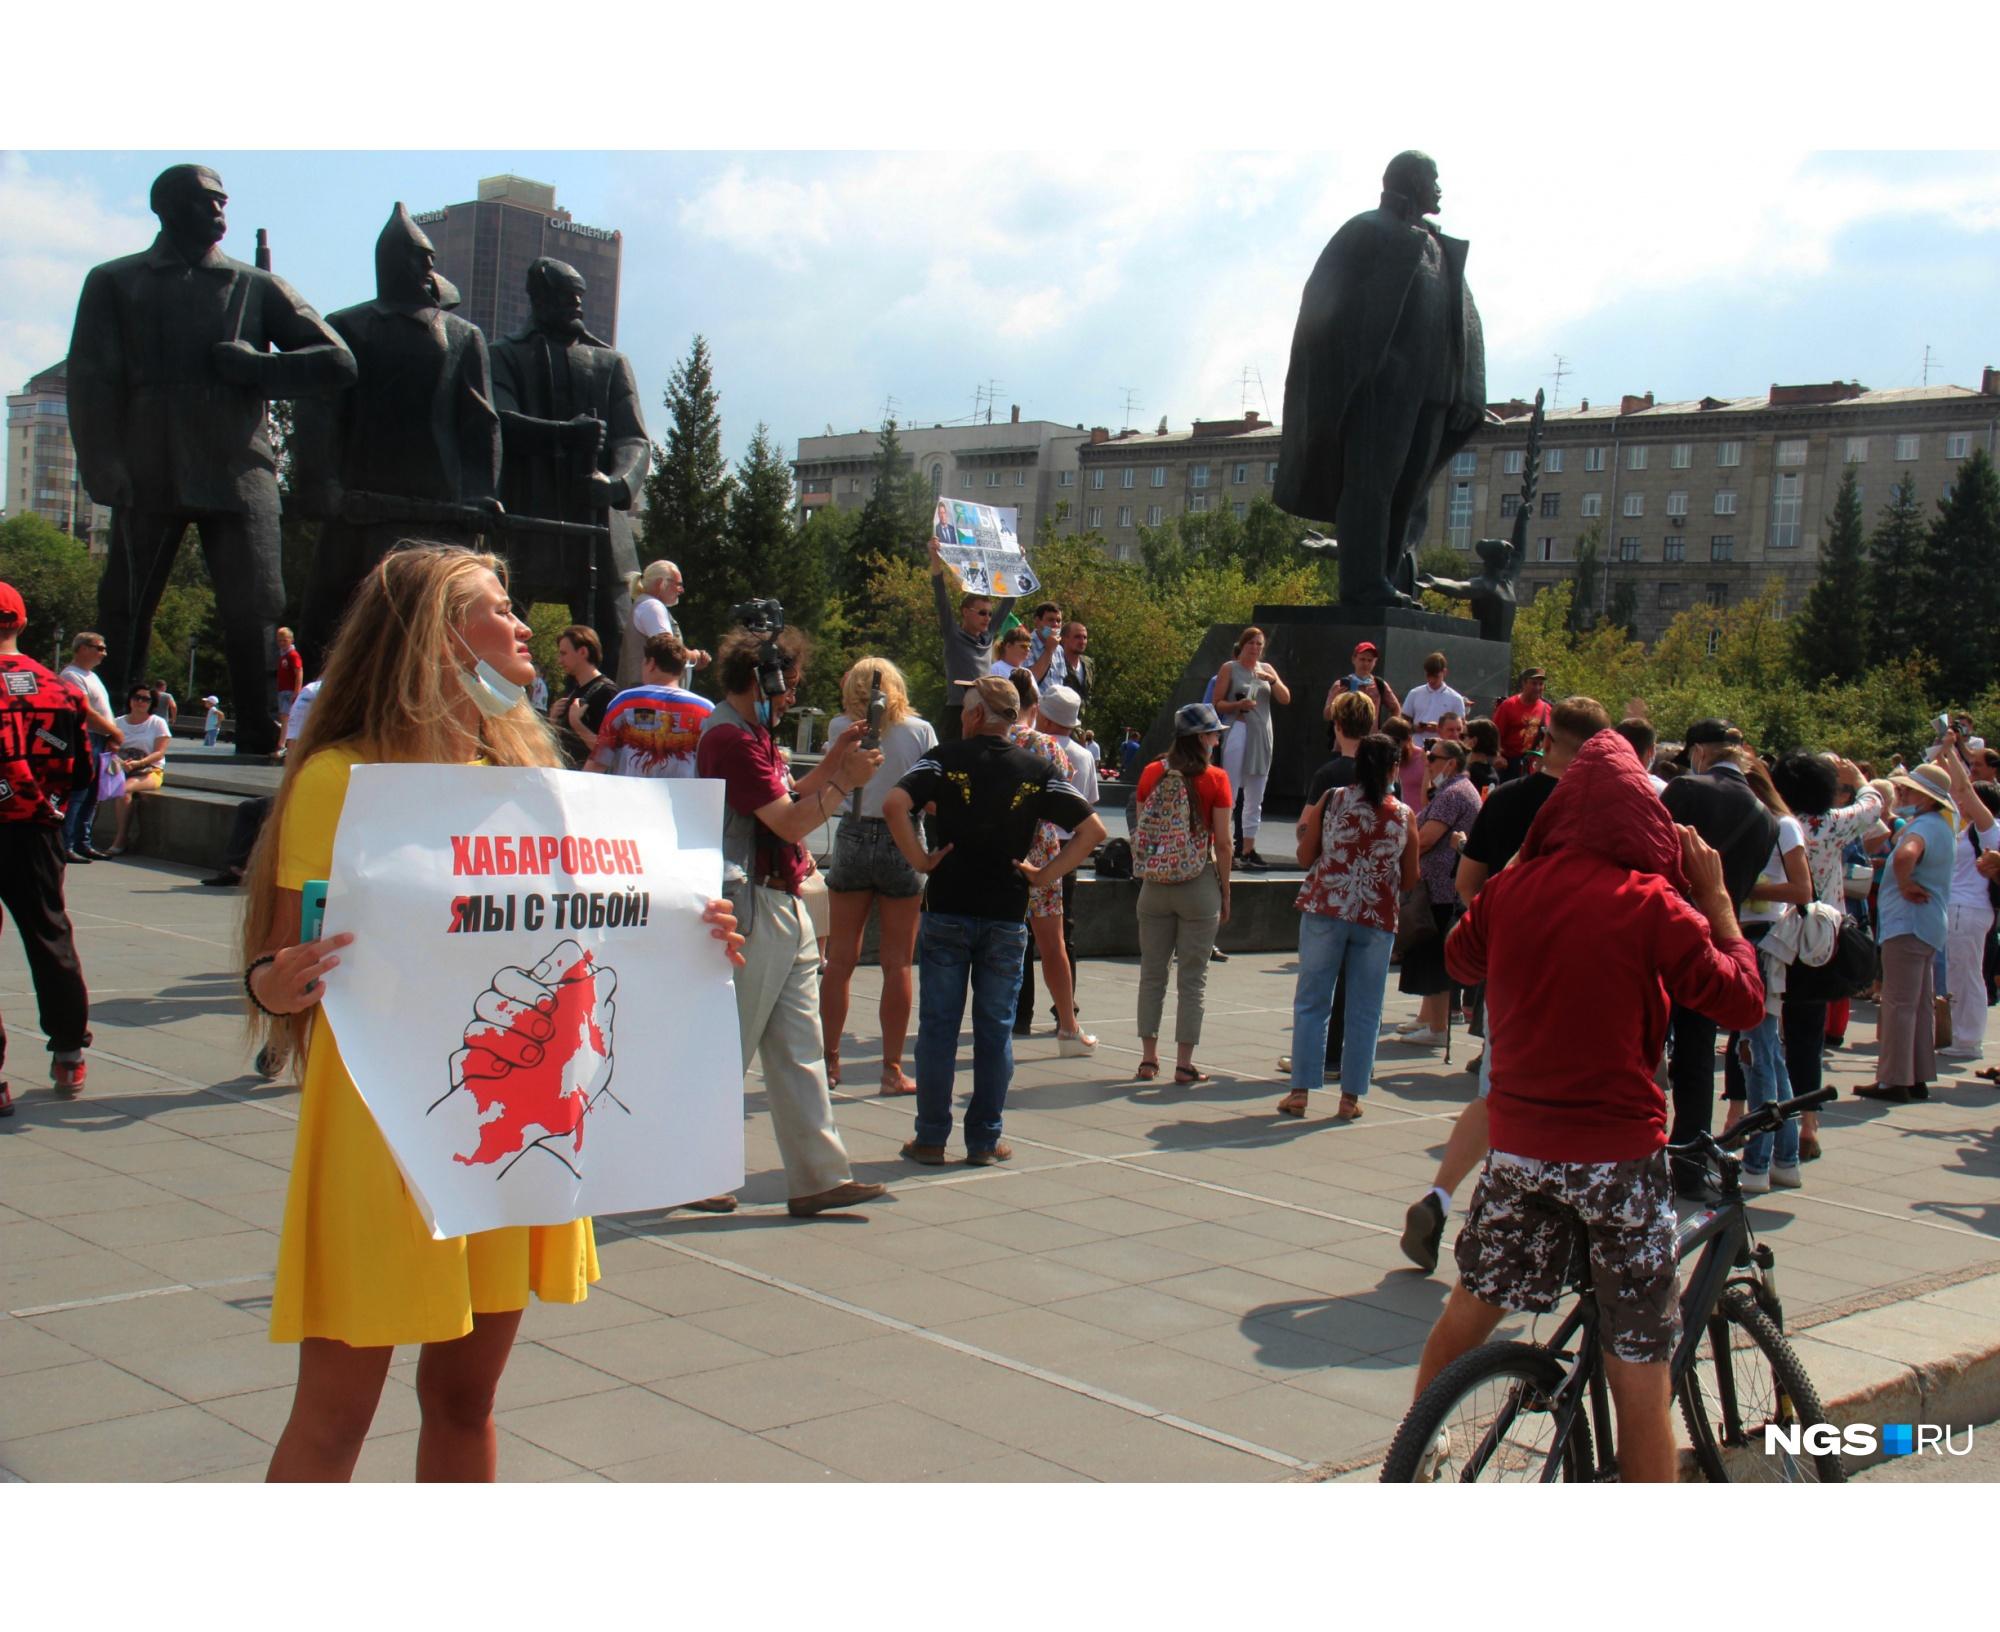 Основной темой митинга была поддержка протестов в Хабаровске